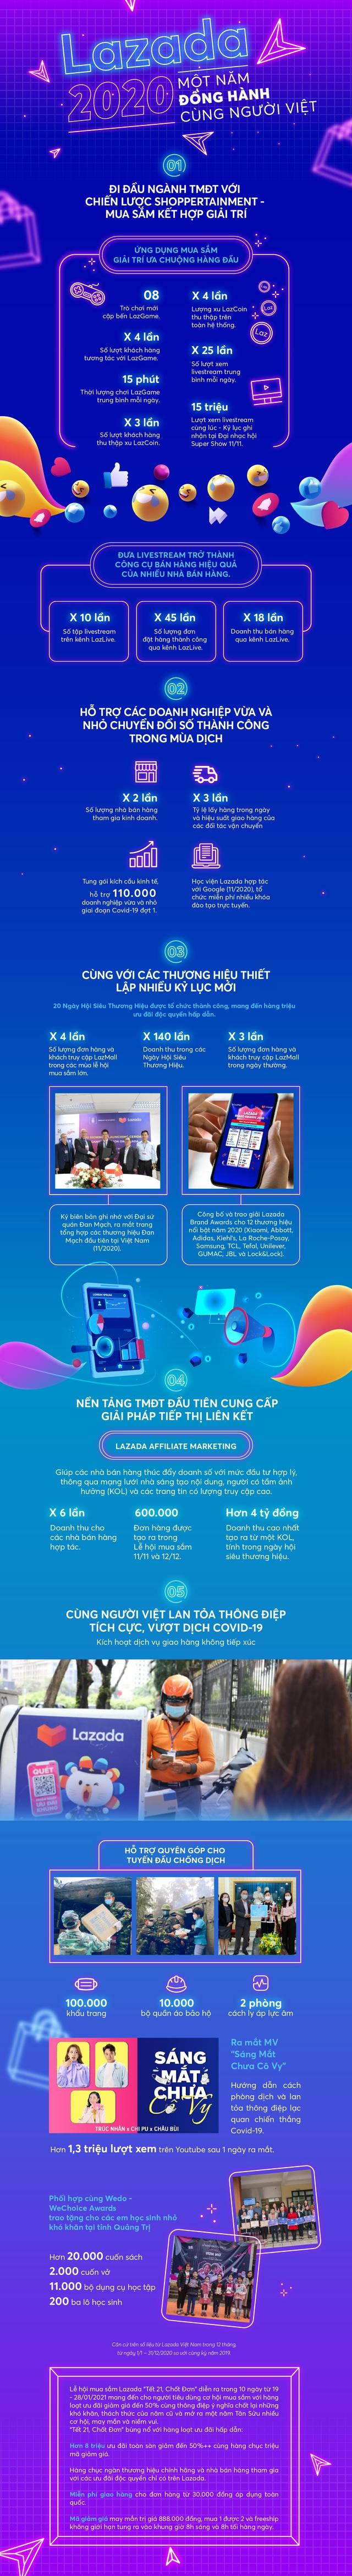 Lazada năm 2020 nhìn lại: 12 tháng nỗ lực đổi mới nâng tầm trải nghiệm mua sắm giải trí tại nhà cho người Việt - Ảnh 1.